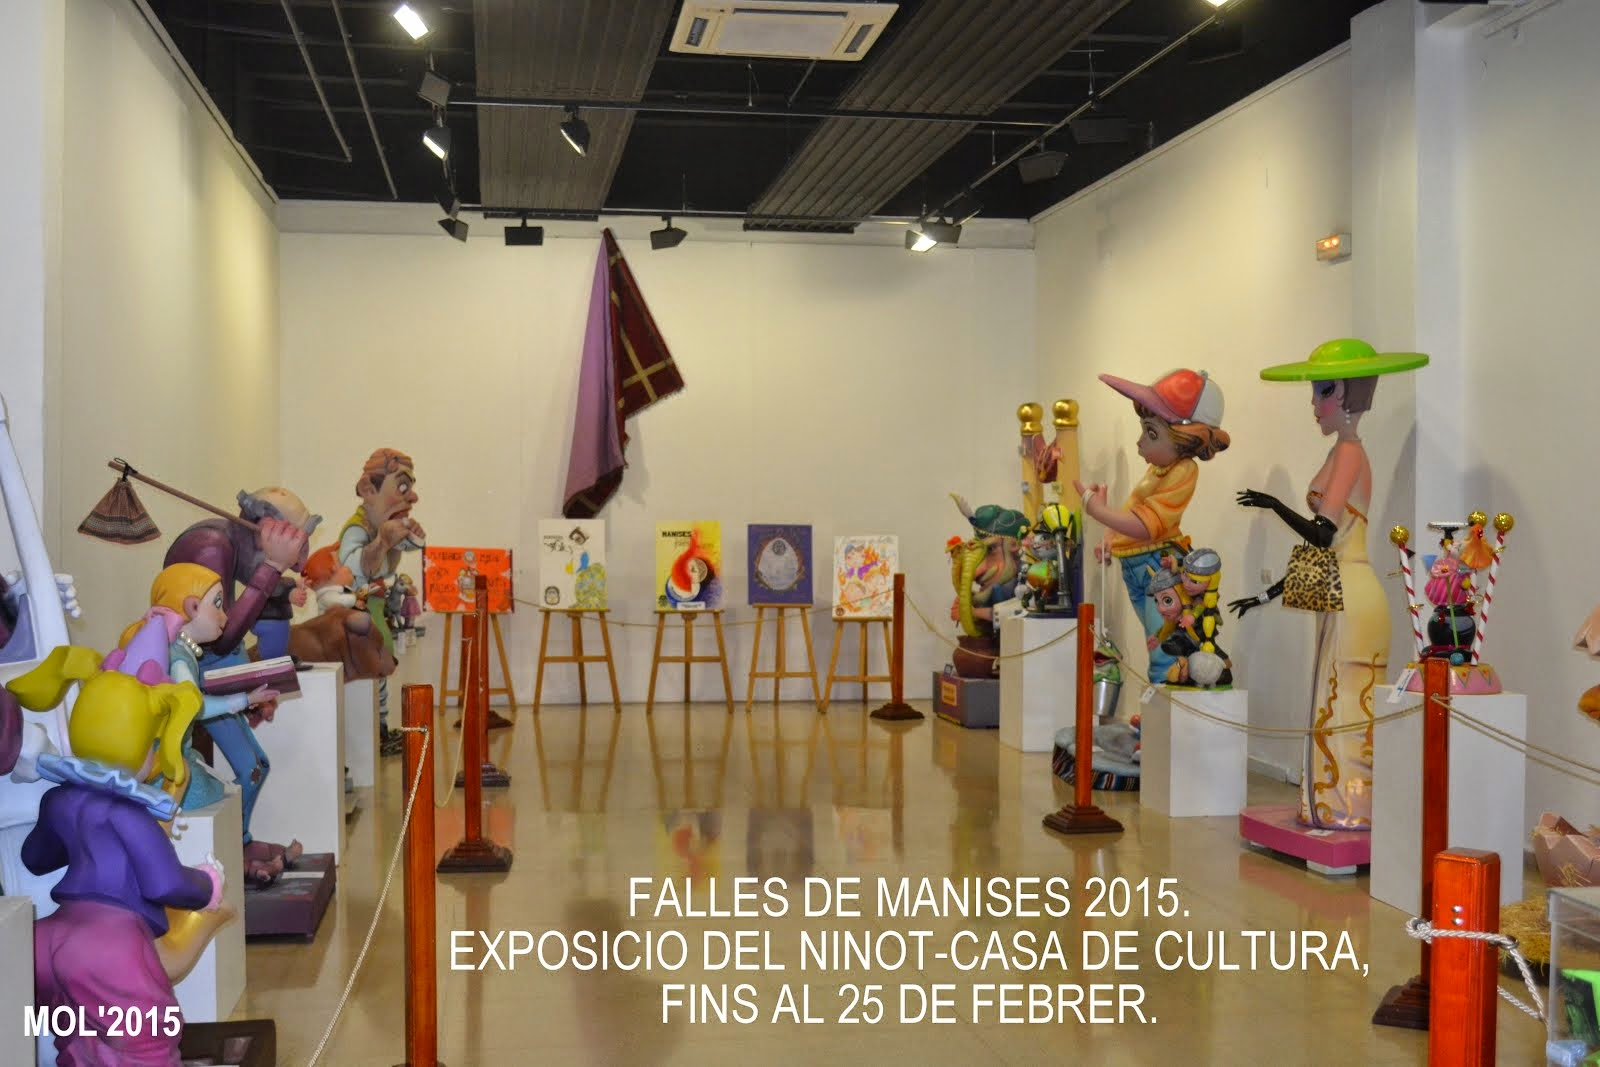 FALLES DE MANISES 2015. EXPOSICIO DEL NINOT EN LA CASA DE CULTURA